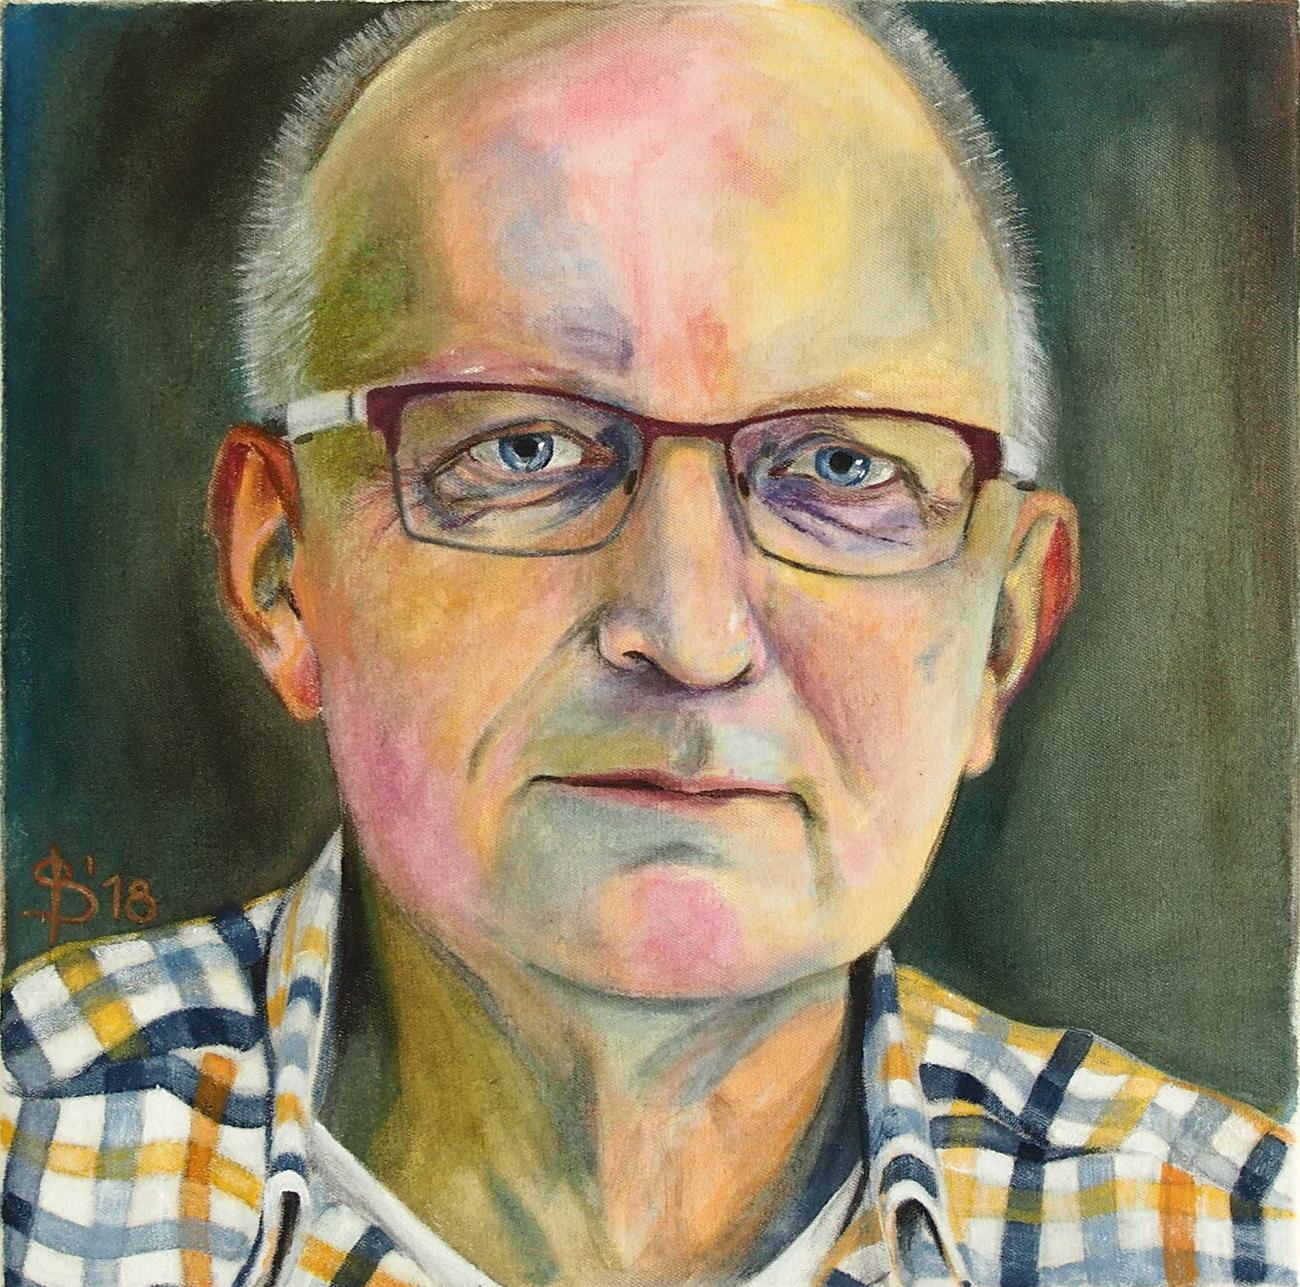 Portrait eines Mannes gemalt von Stephanie Bahrke